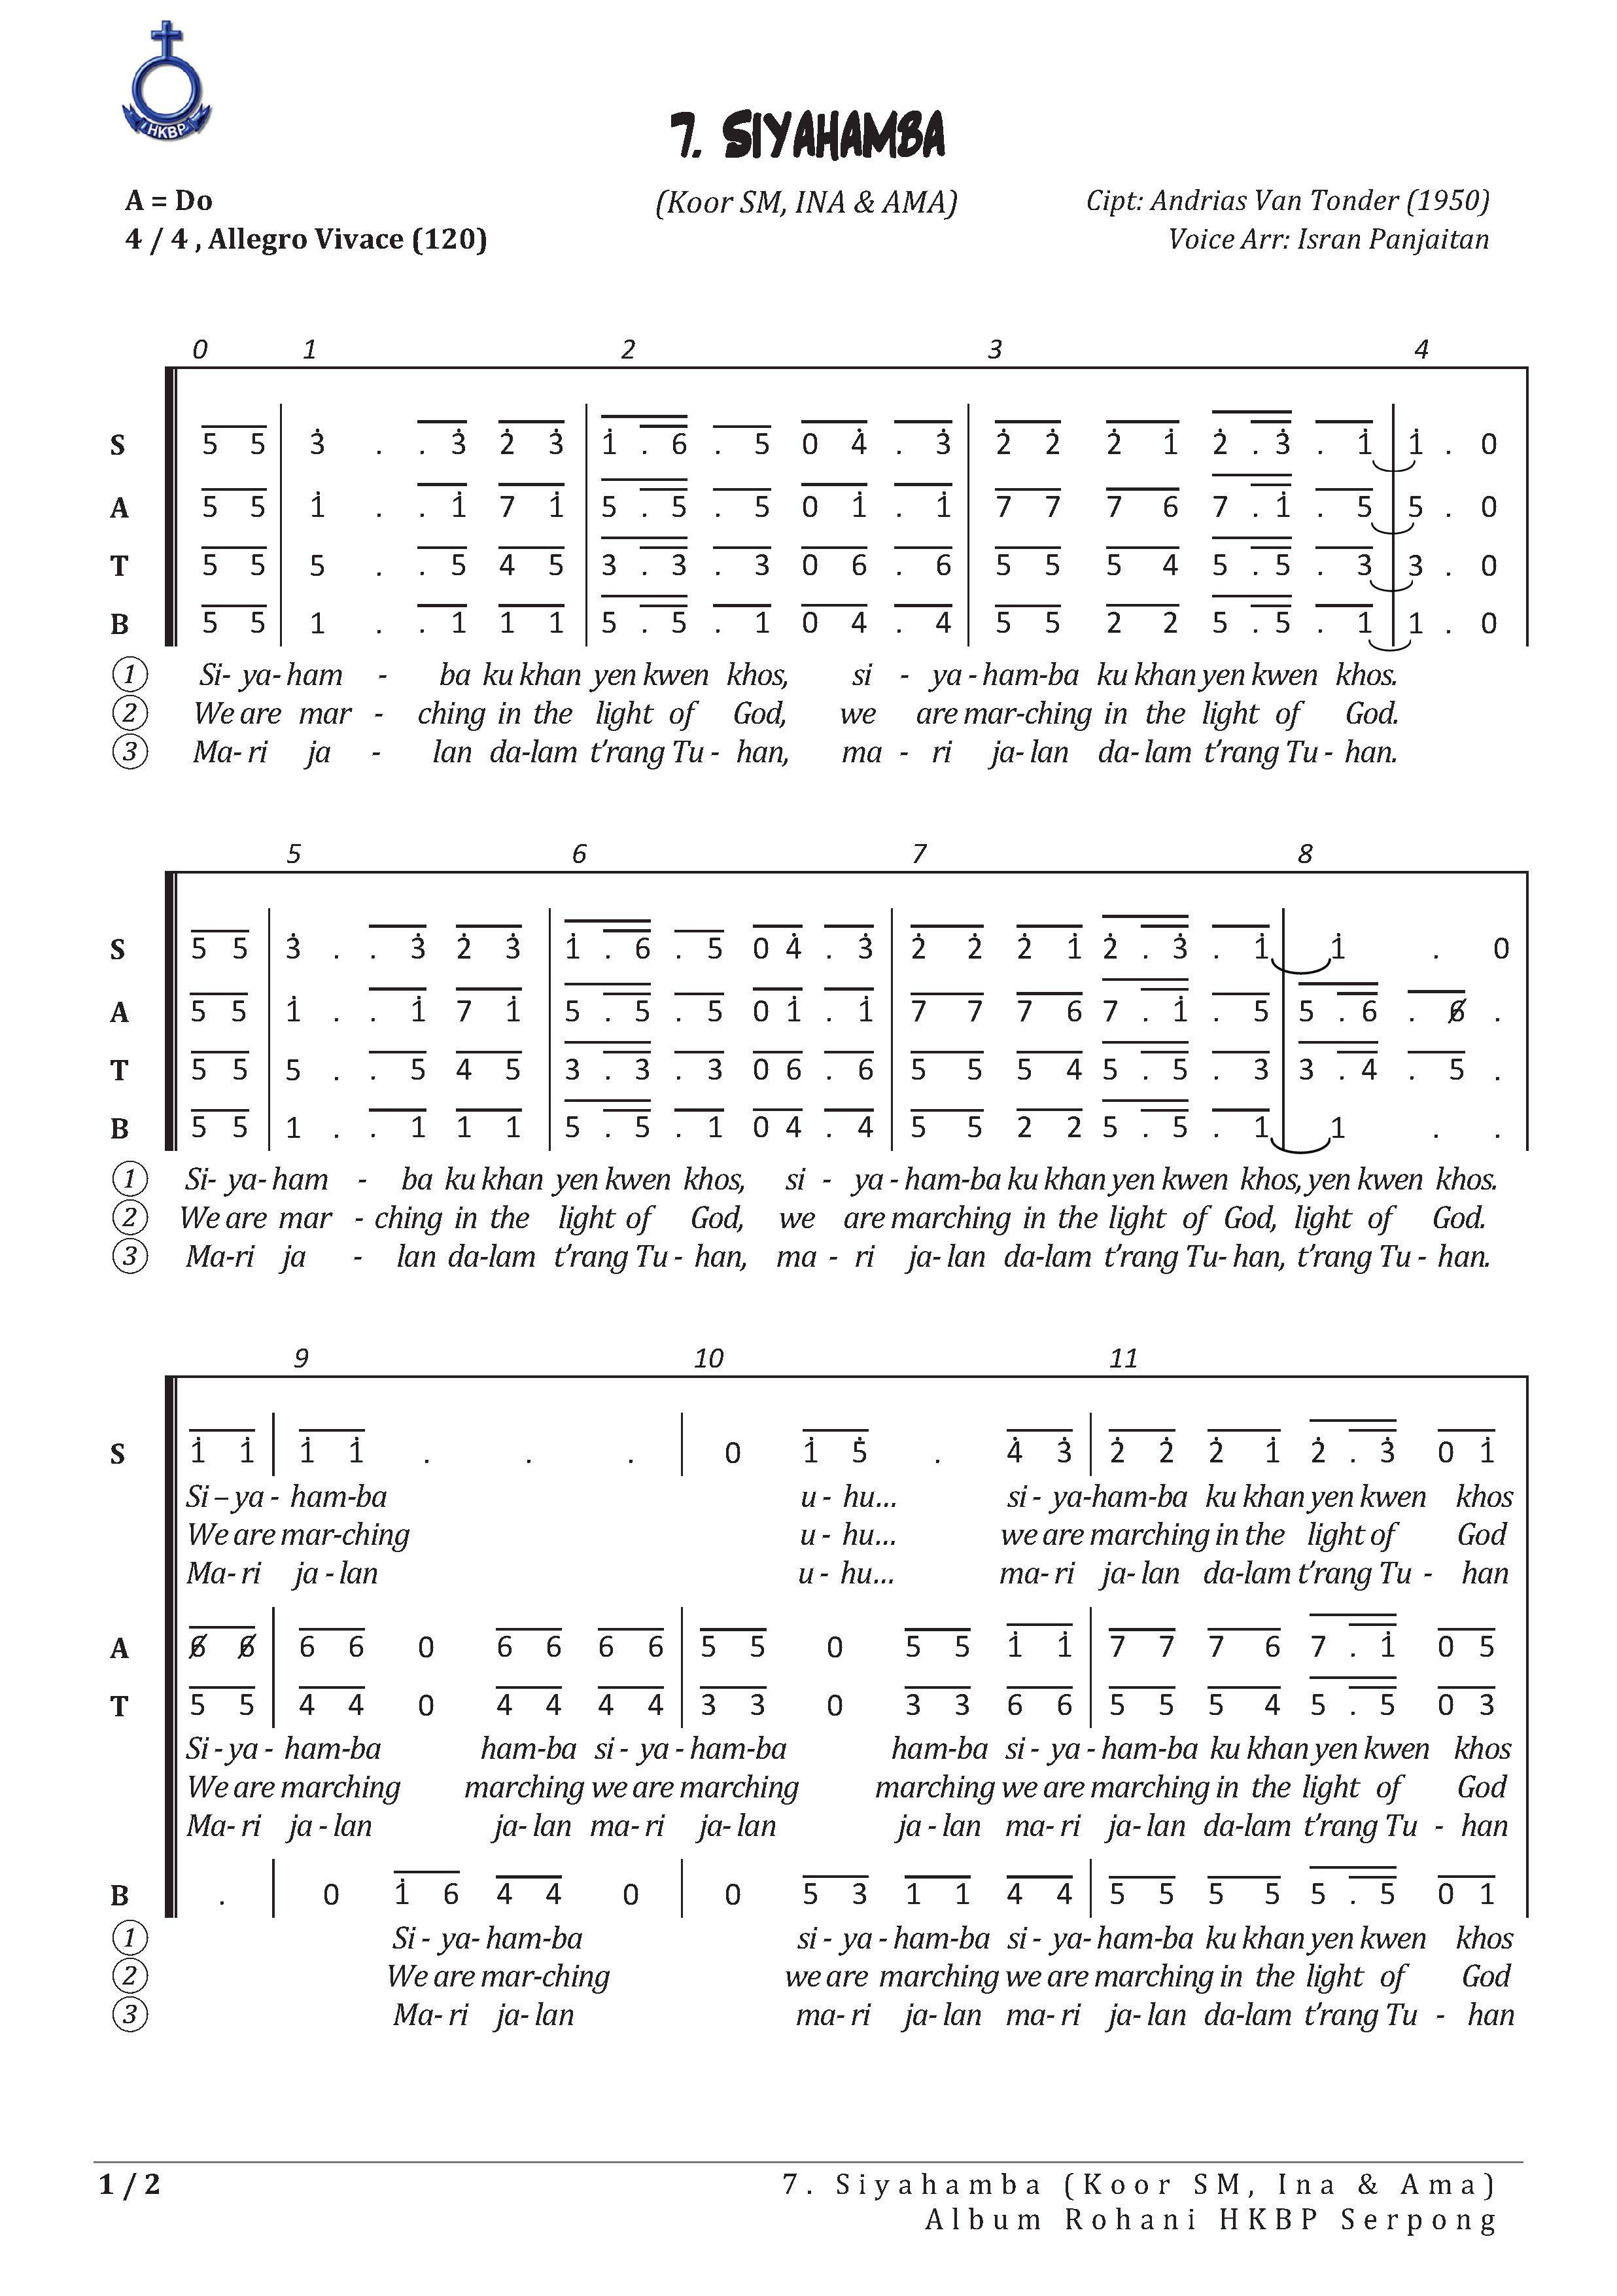 Download Partitur Paduan Suara Gerejawi Lengkap : download, partitur, paduan, suara, gerejawi, lengkap, Download, Partitur, Paduan, Suara, Gereja, Lengkap, Berbagai